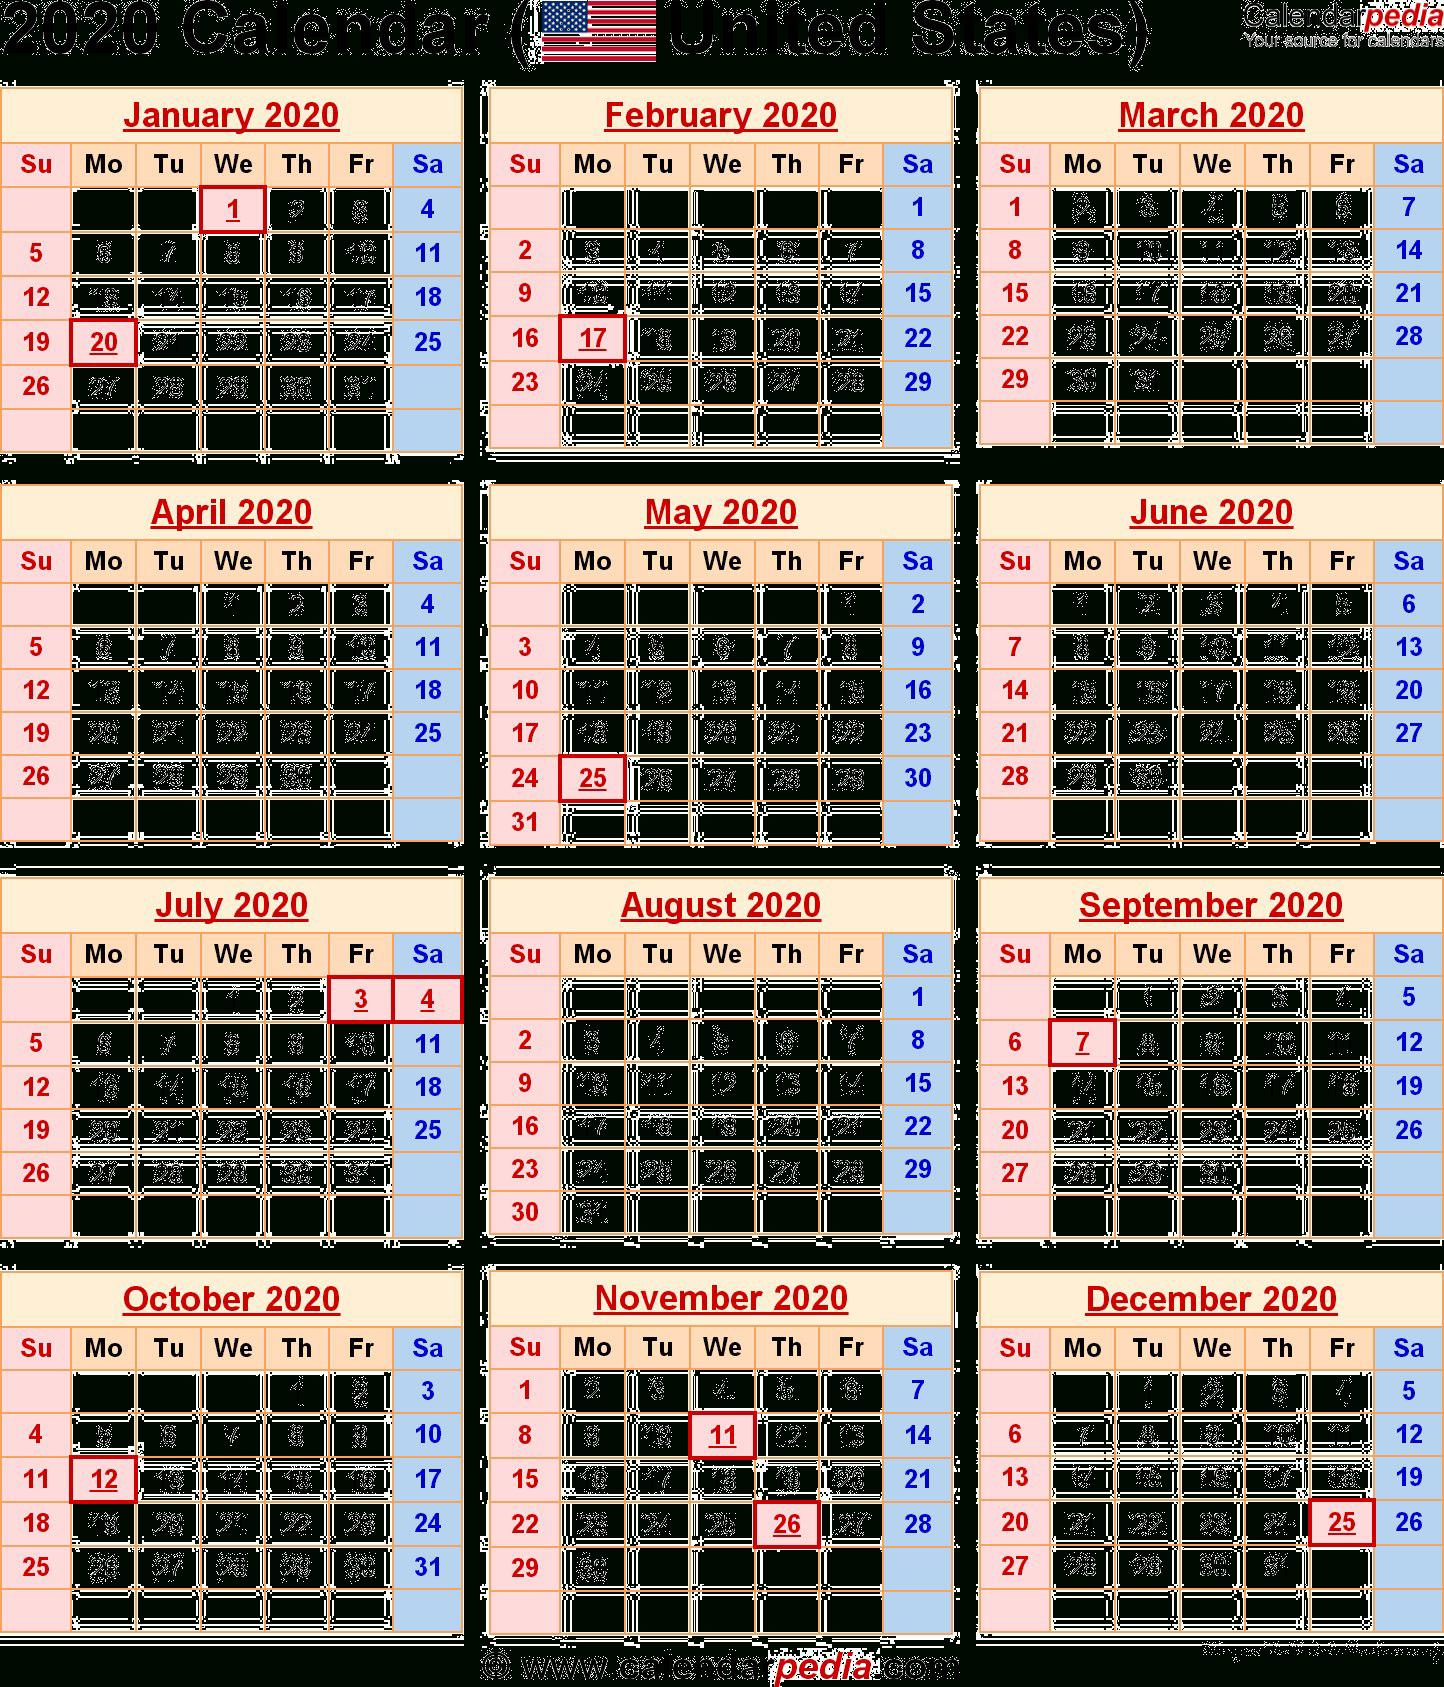 2020 Calendar Png Transparent Images | Png All intended for Bihar Govt Official Calendar 2020